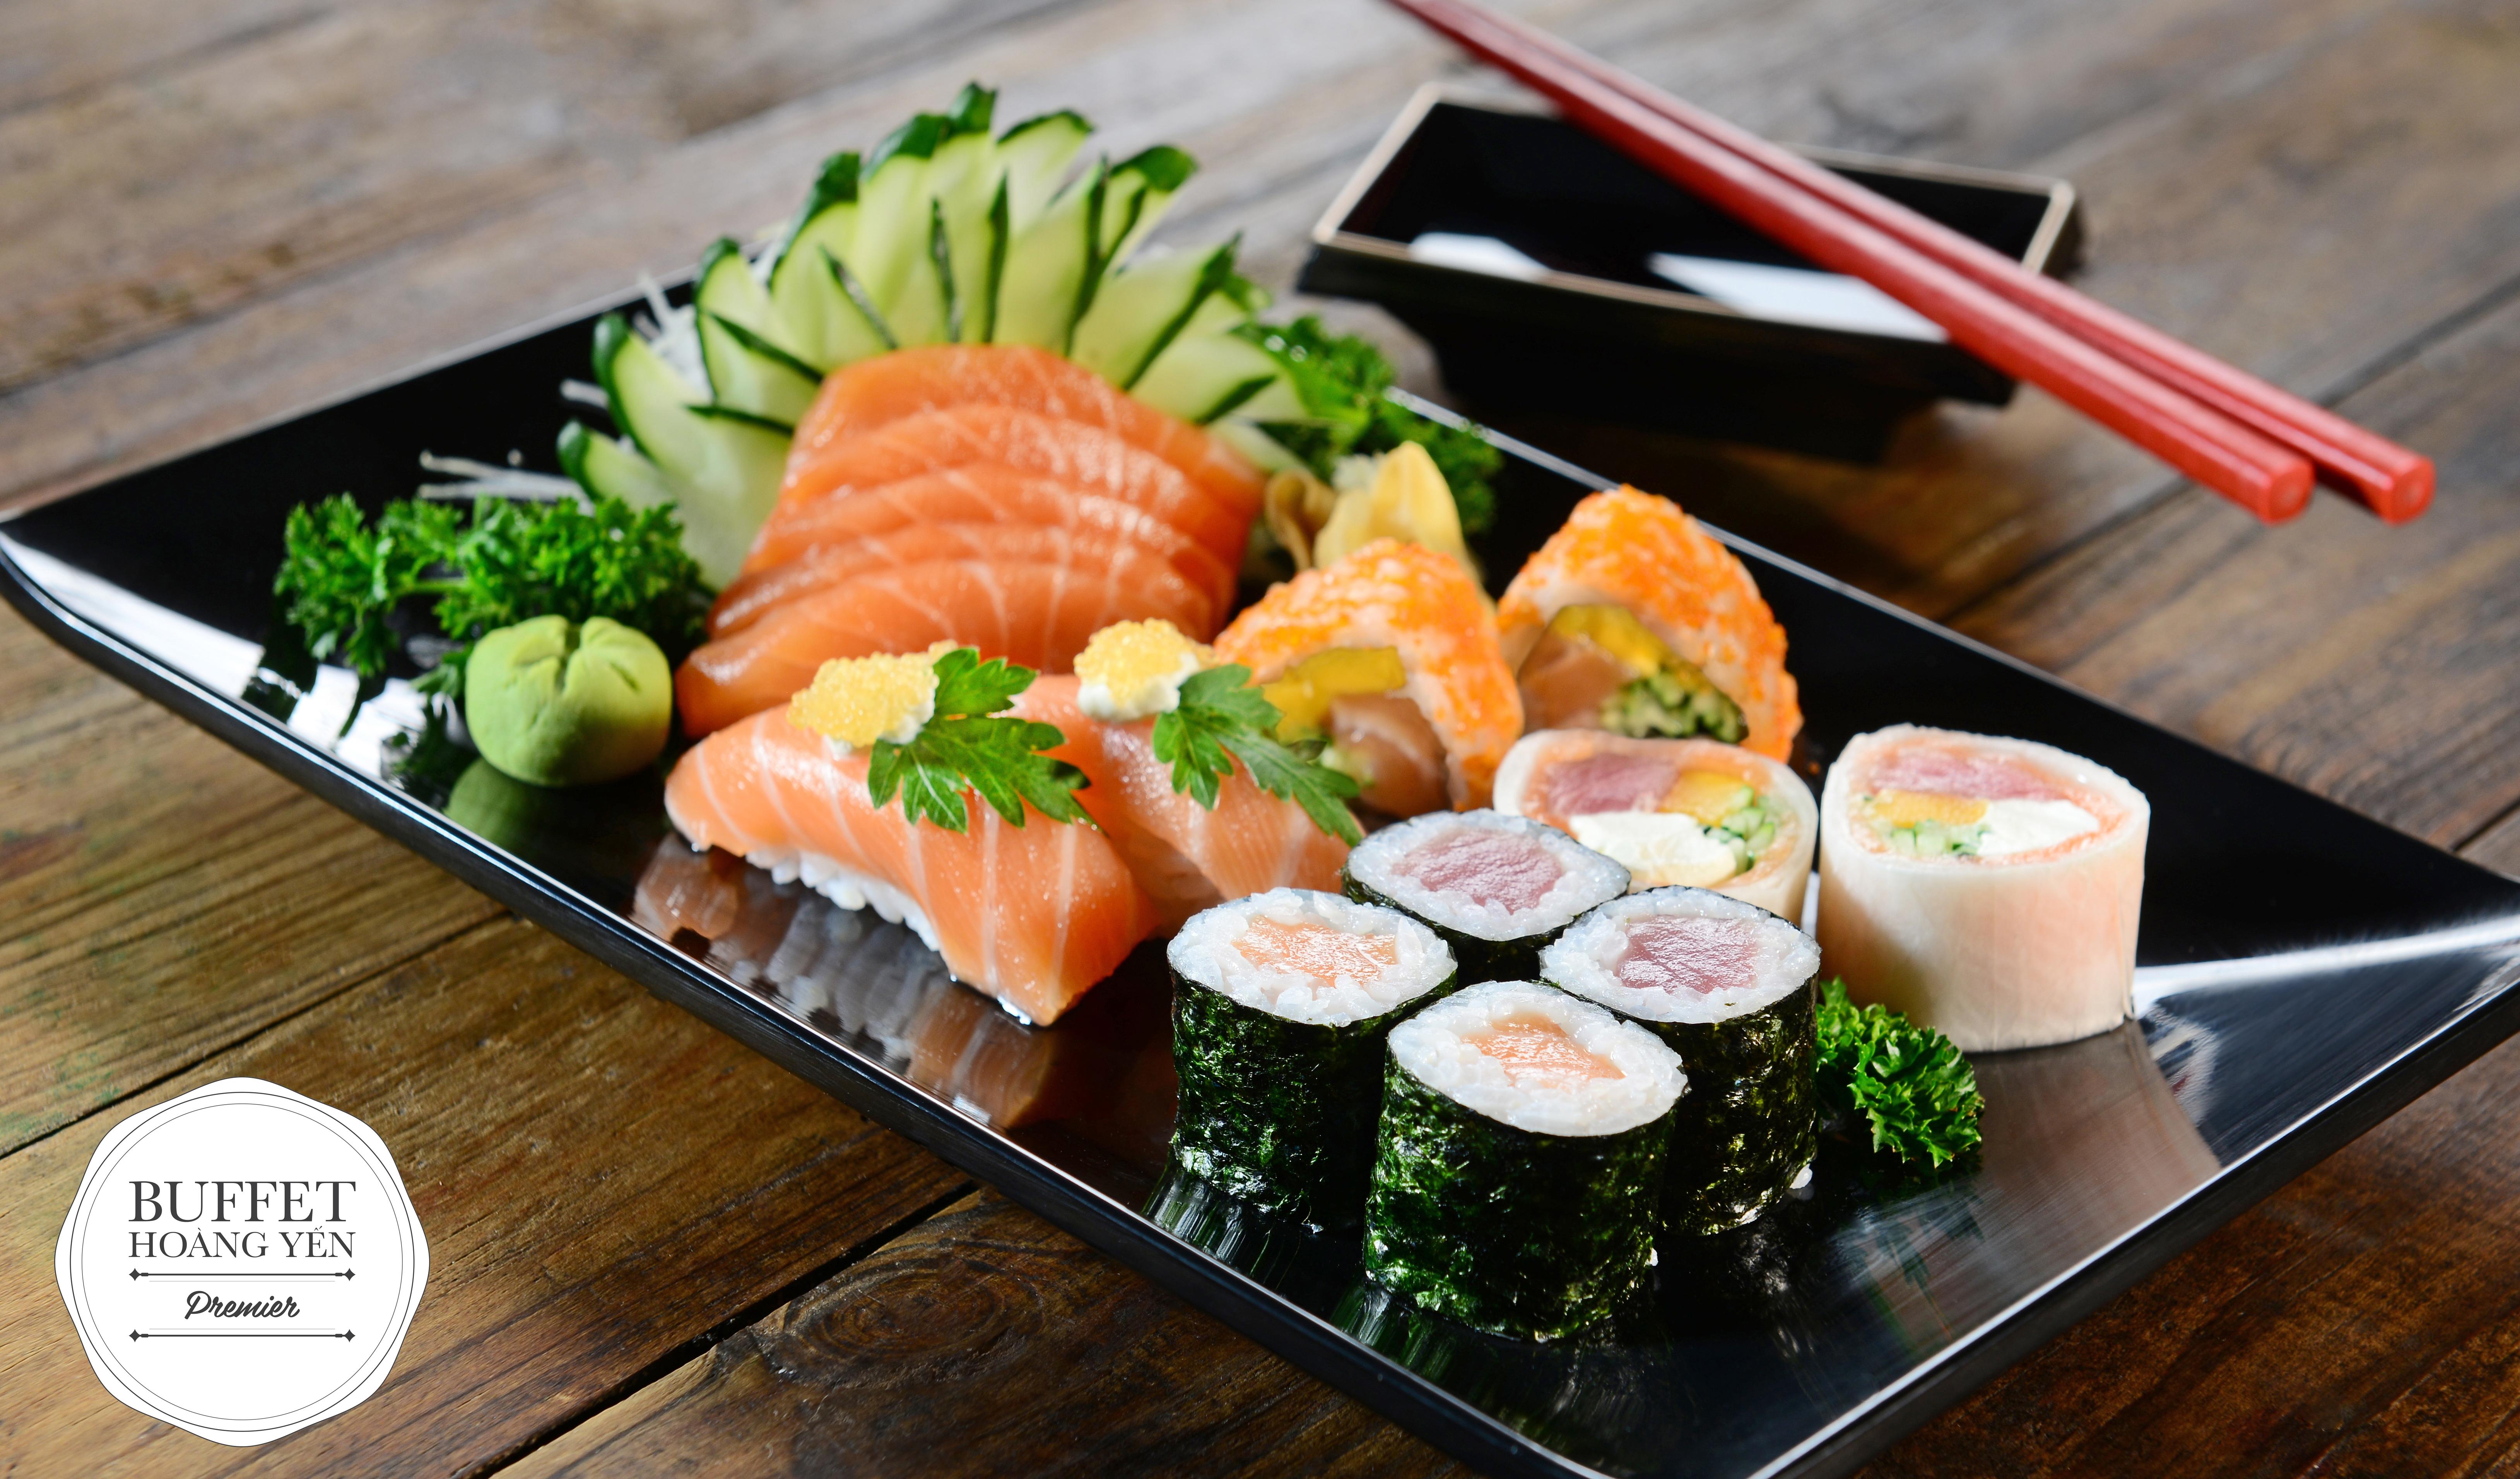 Trải nghiệm thiên đường ẩm thực truyền thống Nhật - Hàn - Ảnh 8.